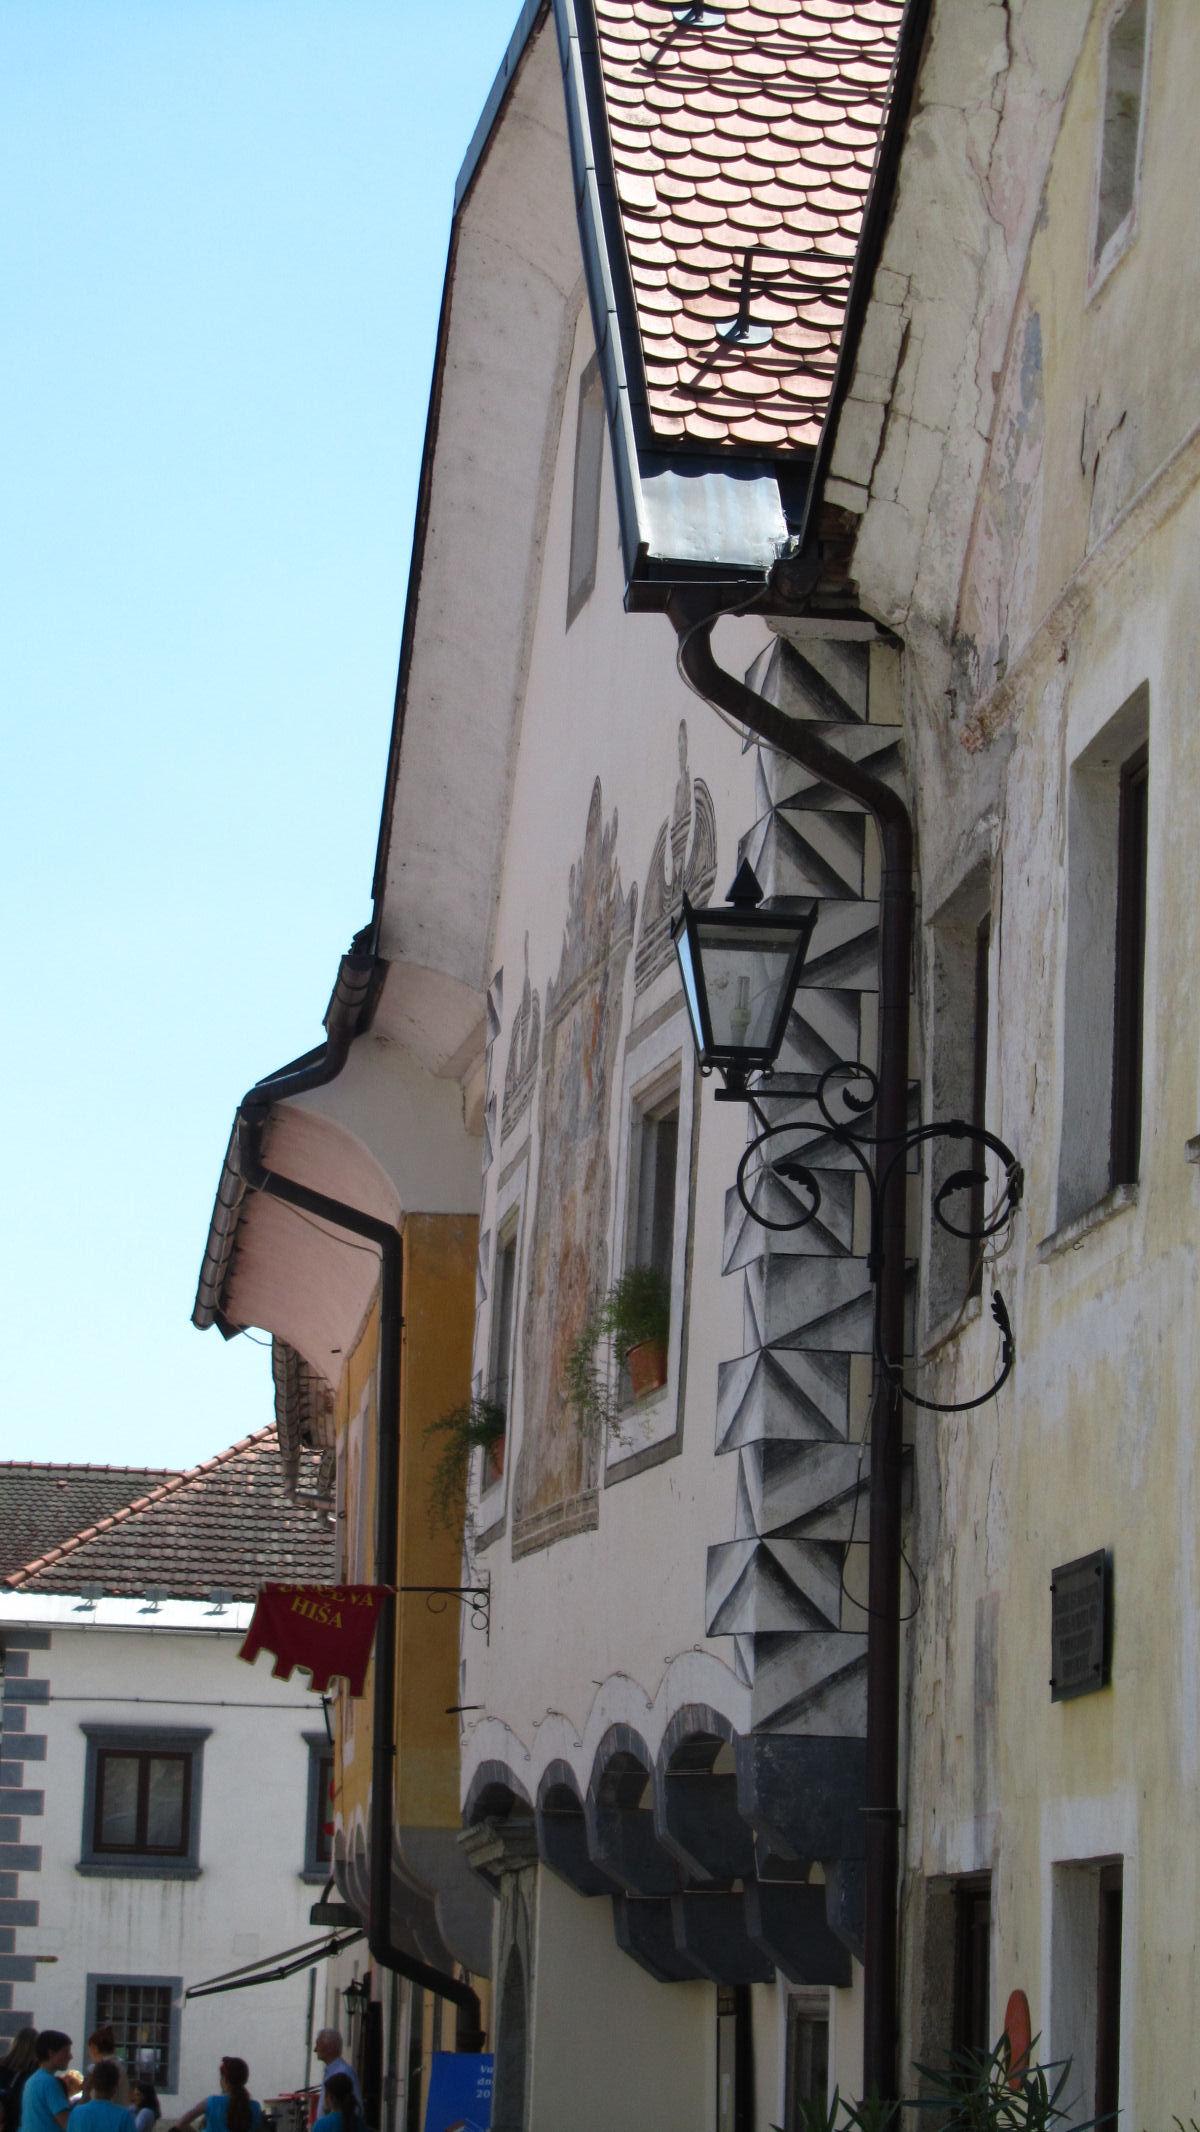 radovljica-medieval-old-town-8338